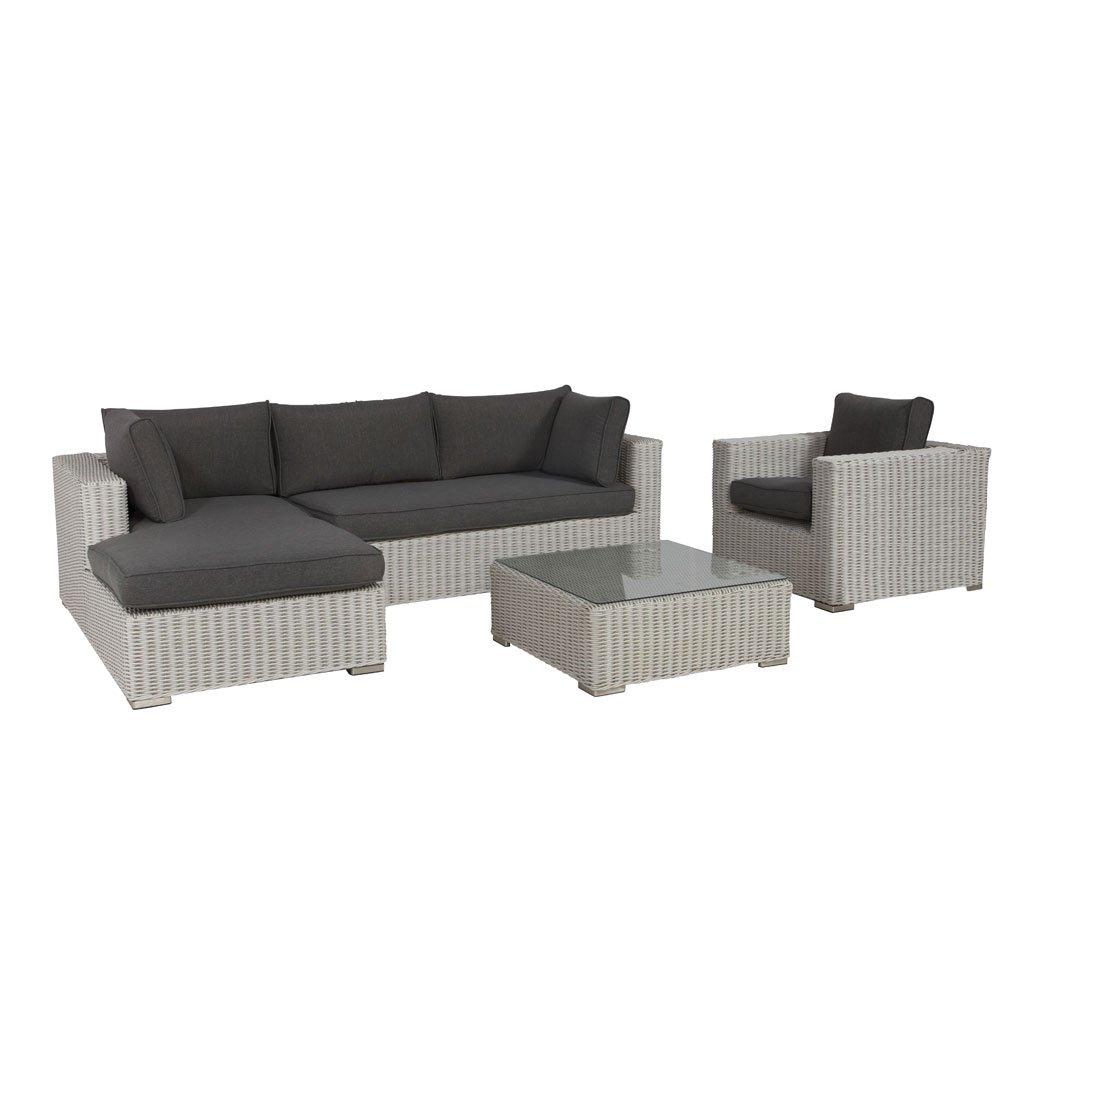 Gartenlounge OUTLIV. Cambridge Loungeset mit Sessel Geflecht White 700016-794709 jetzt kaufen